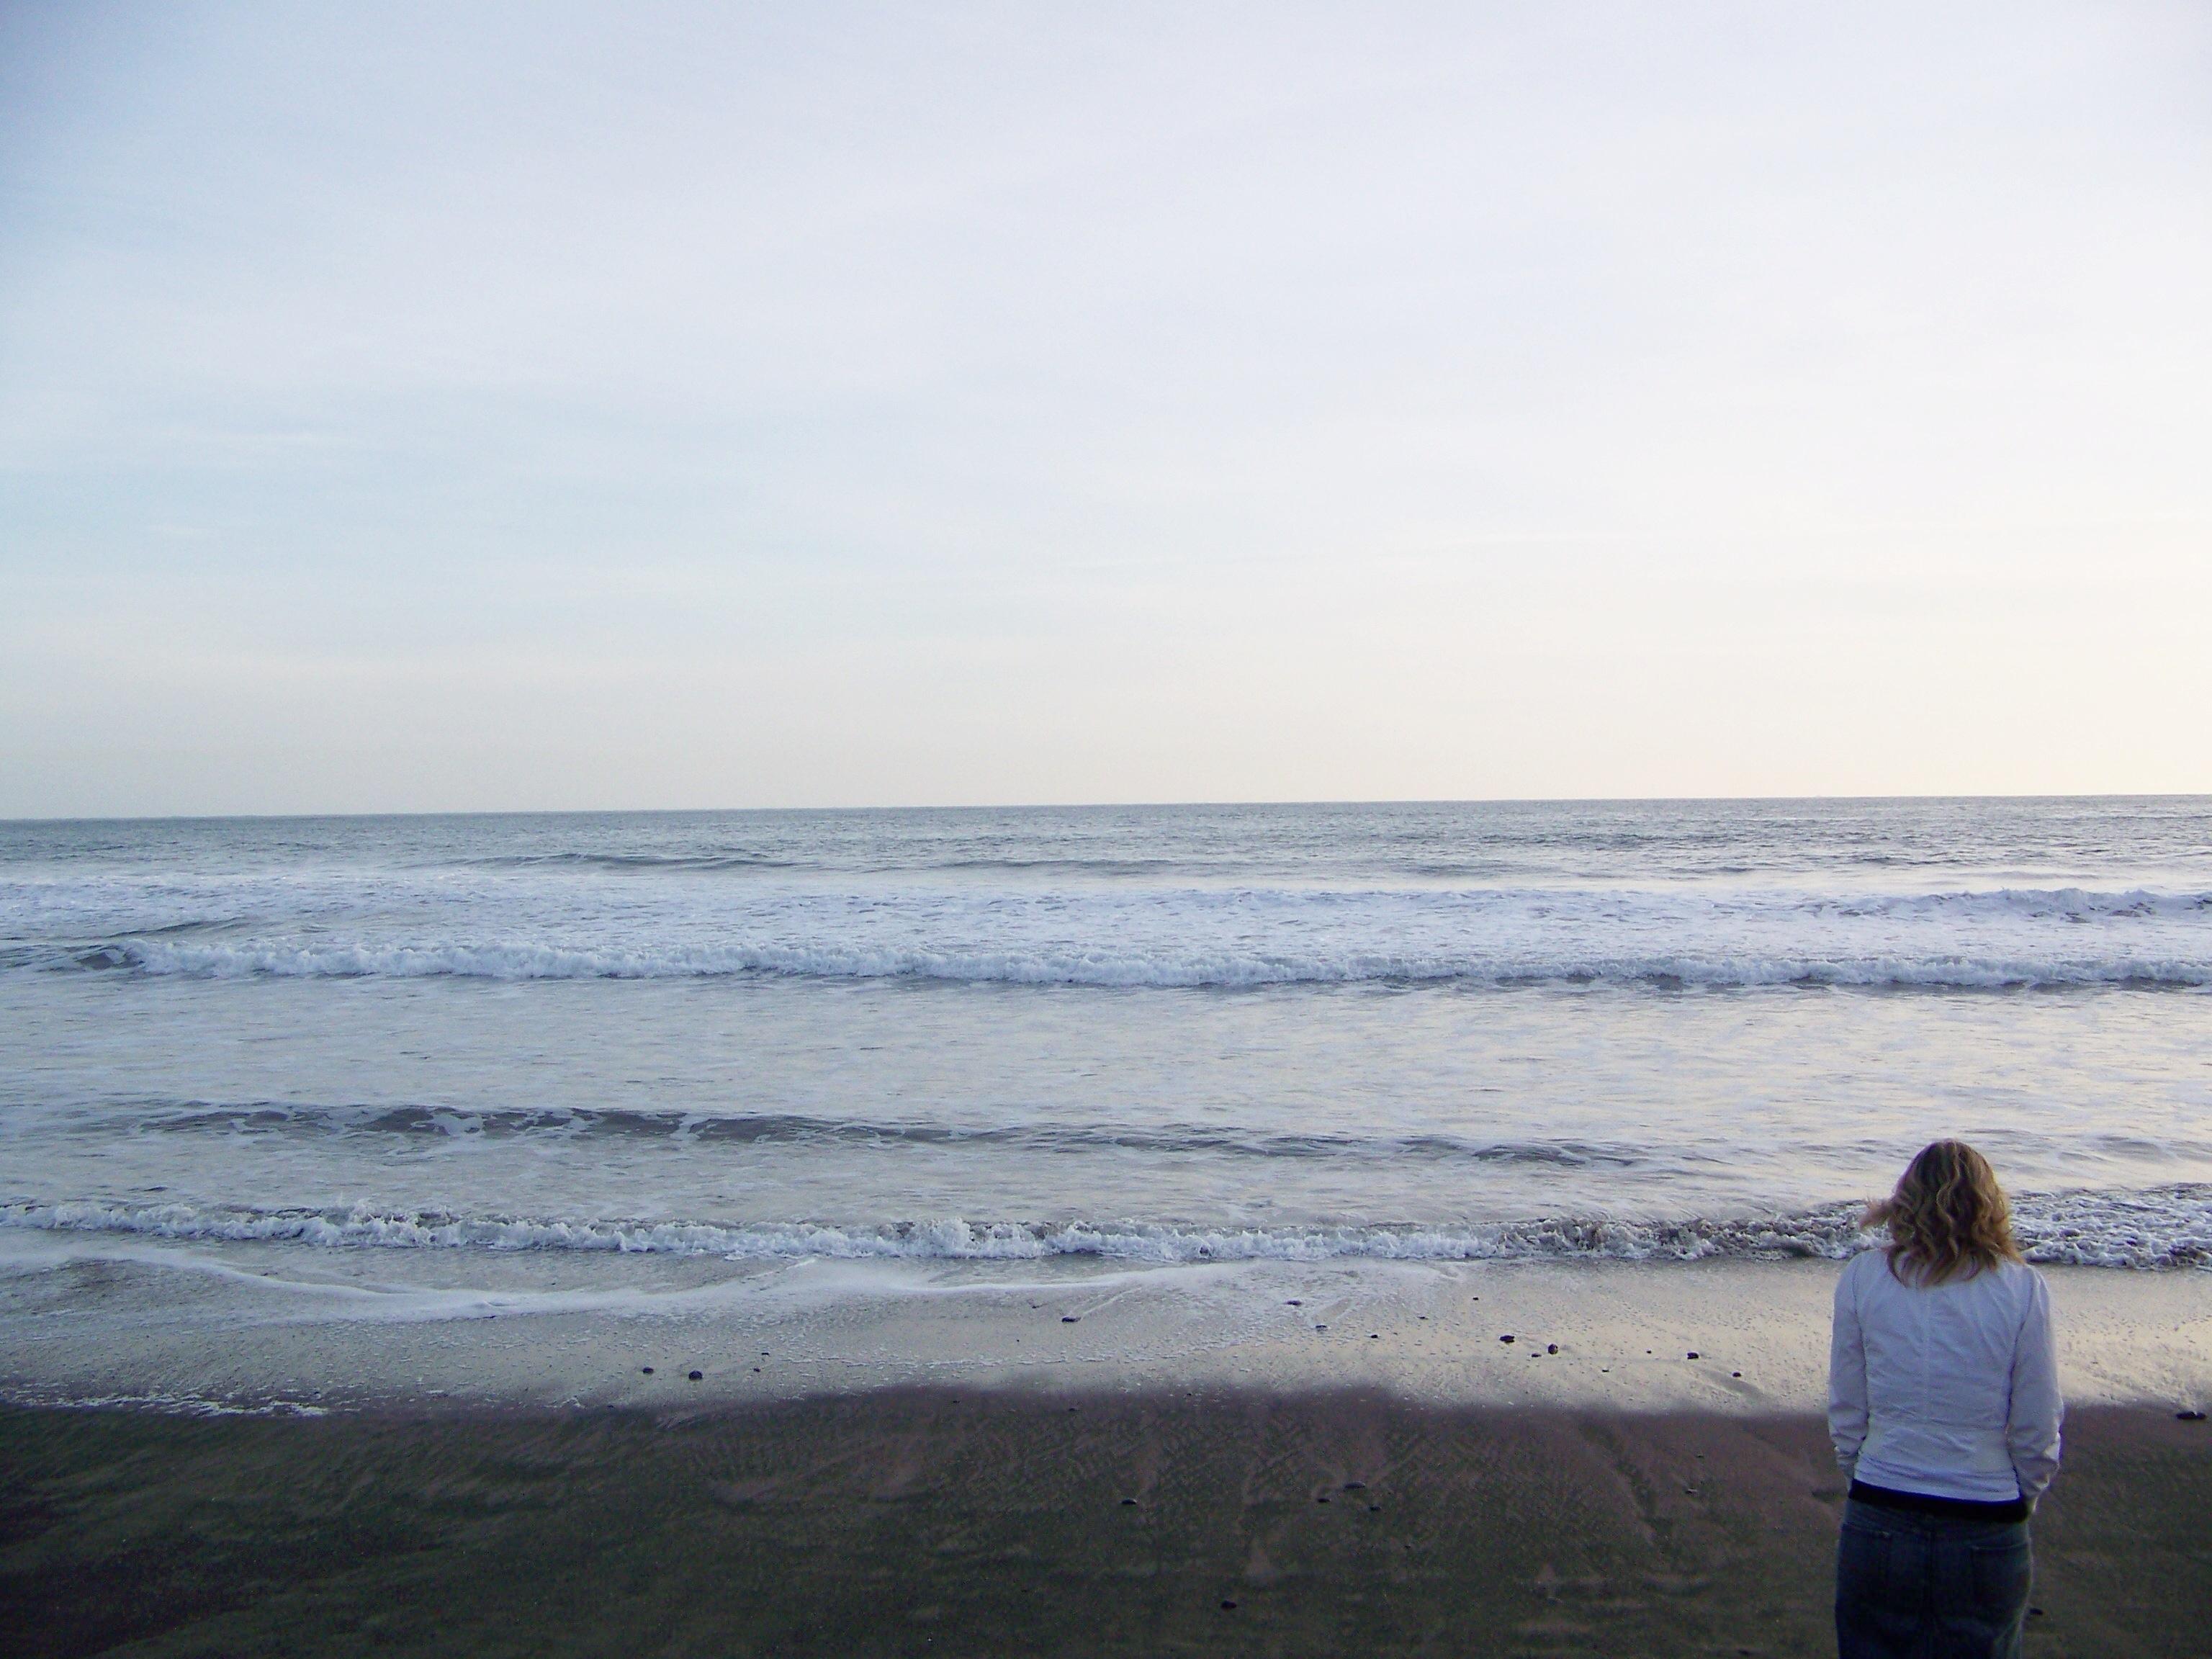 2015-04-16-1429185414-5569543-beach.jpg